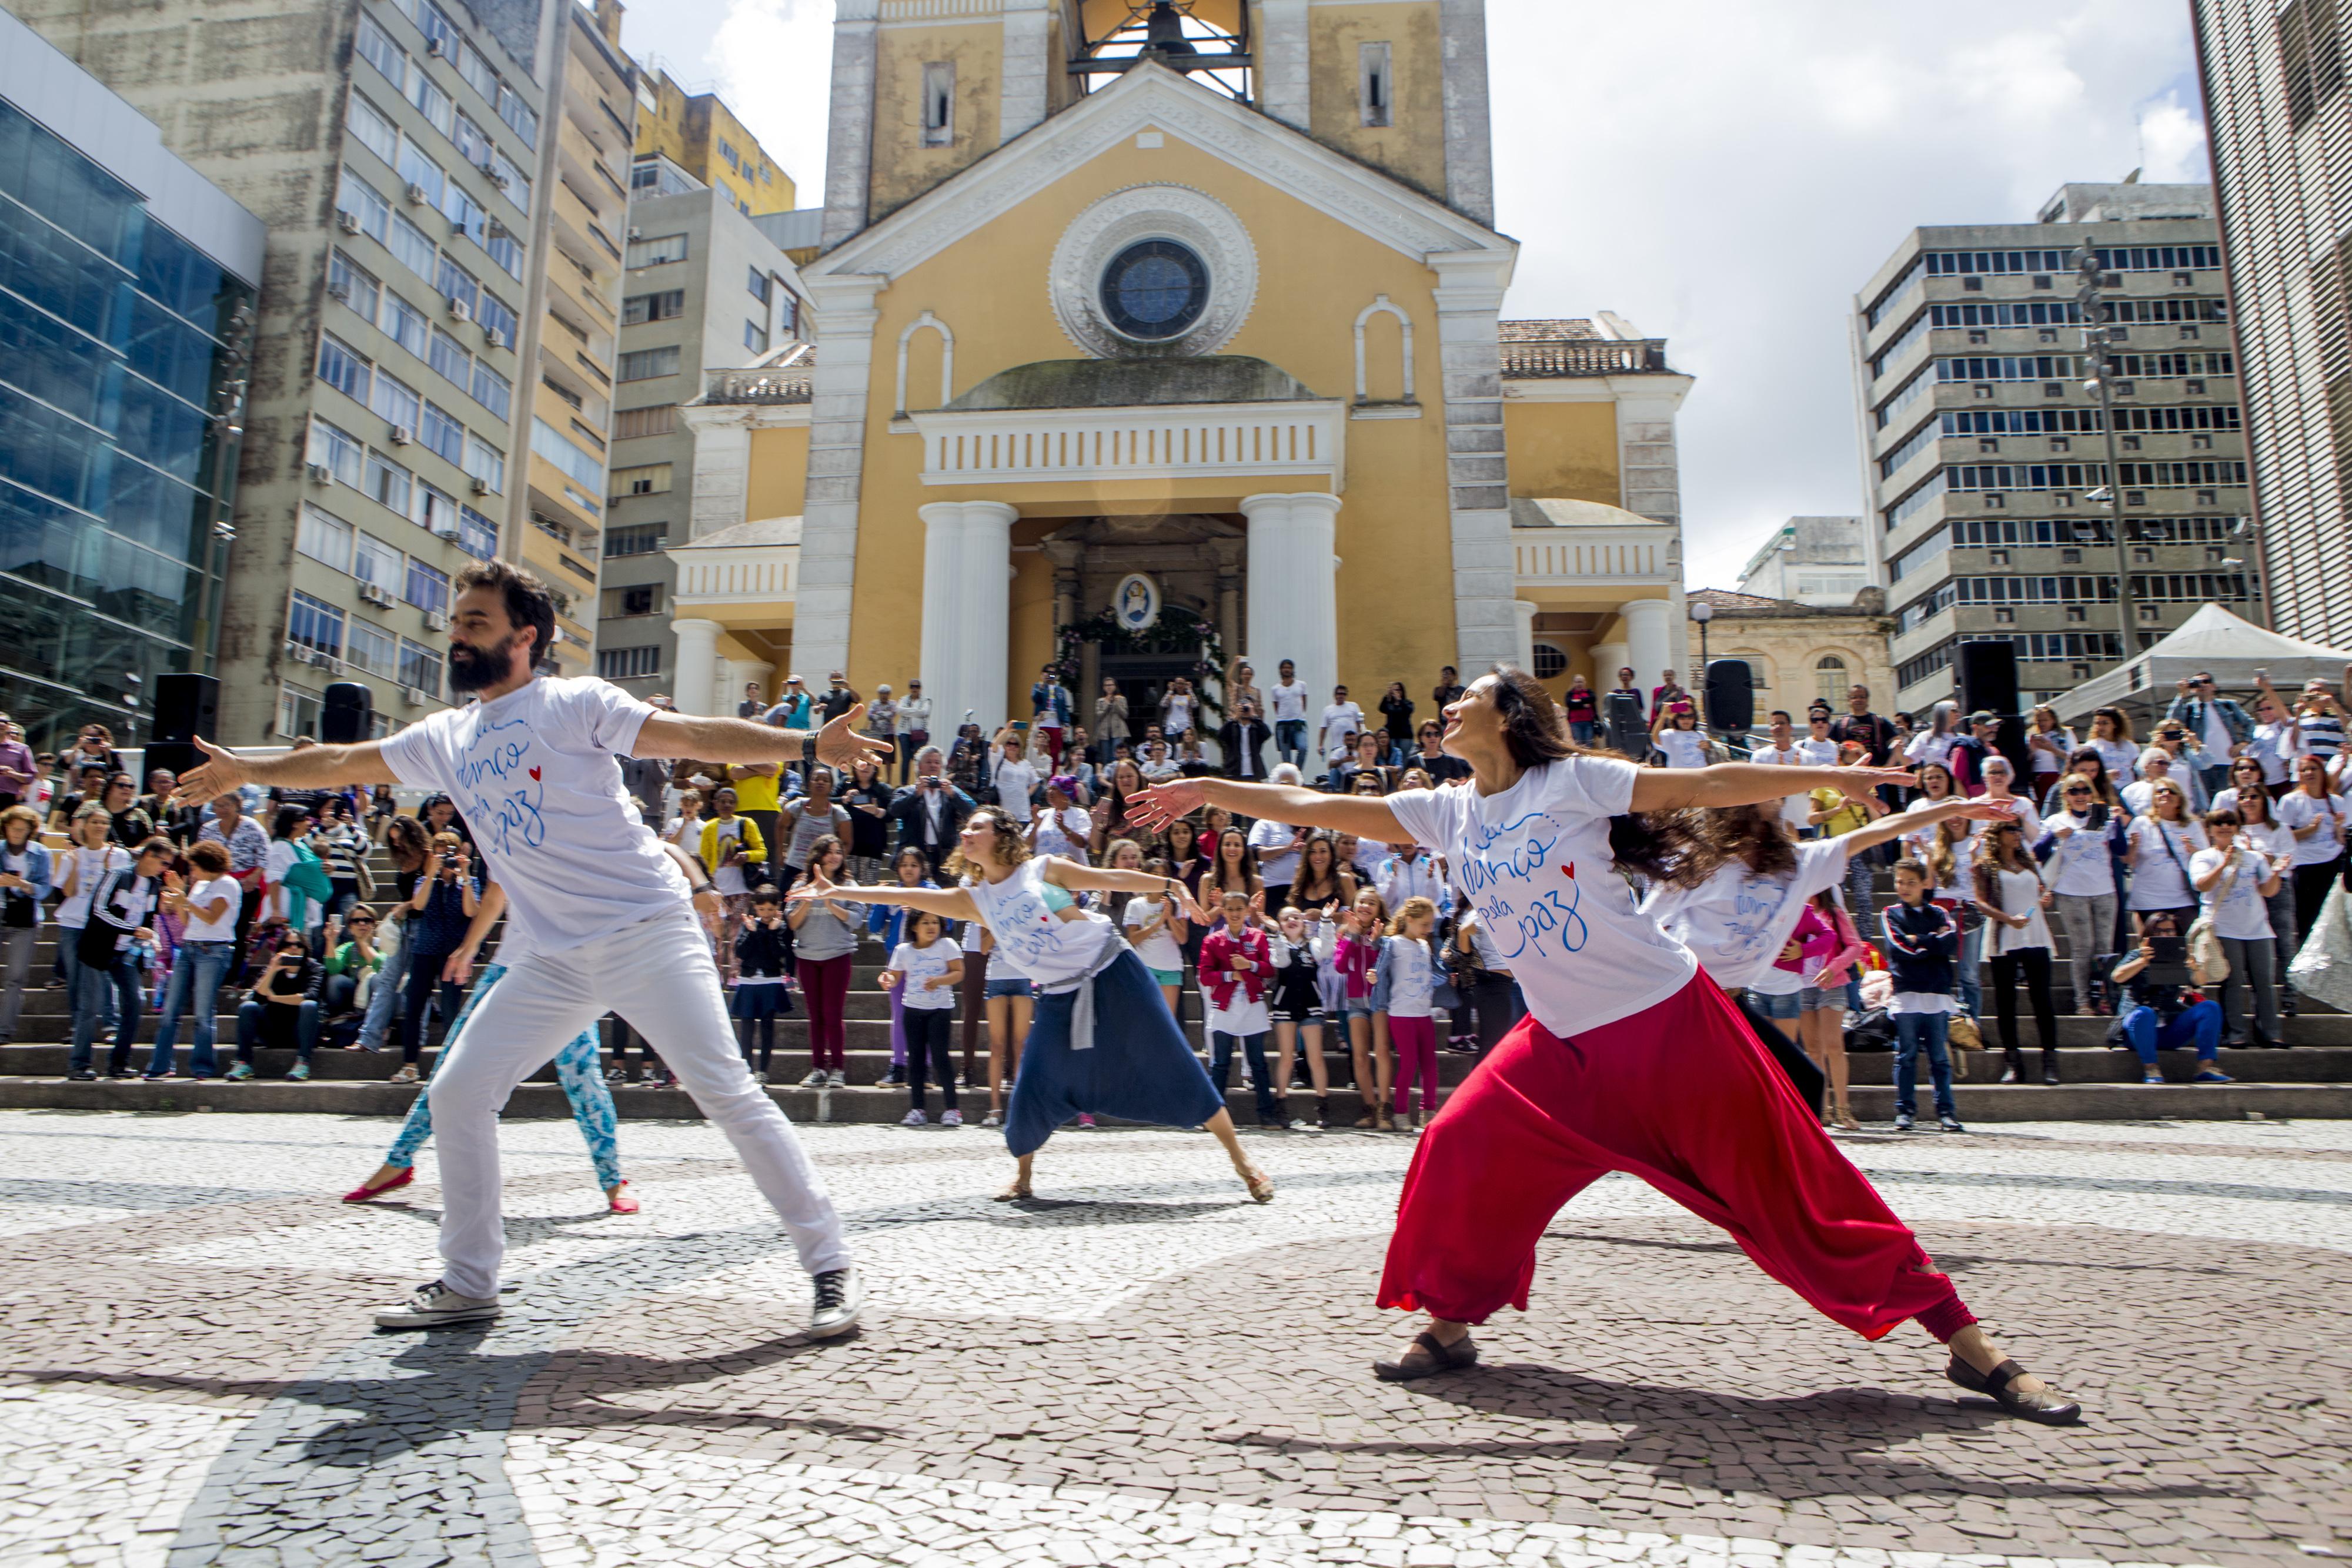 Flash mob pela paz reuniu mais de 200 bailarinos em frente à Catedral Metropolitana – Foto: Flávio Tin/ND